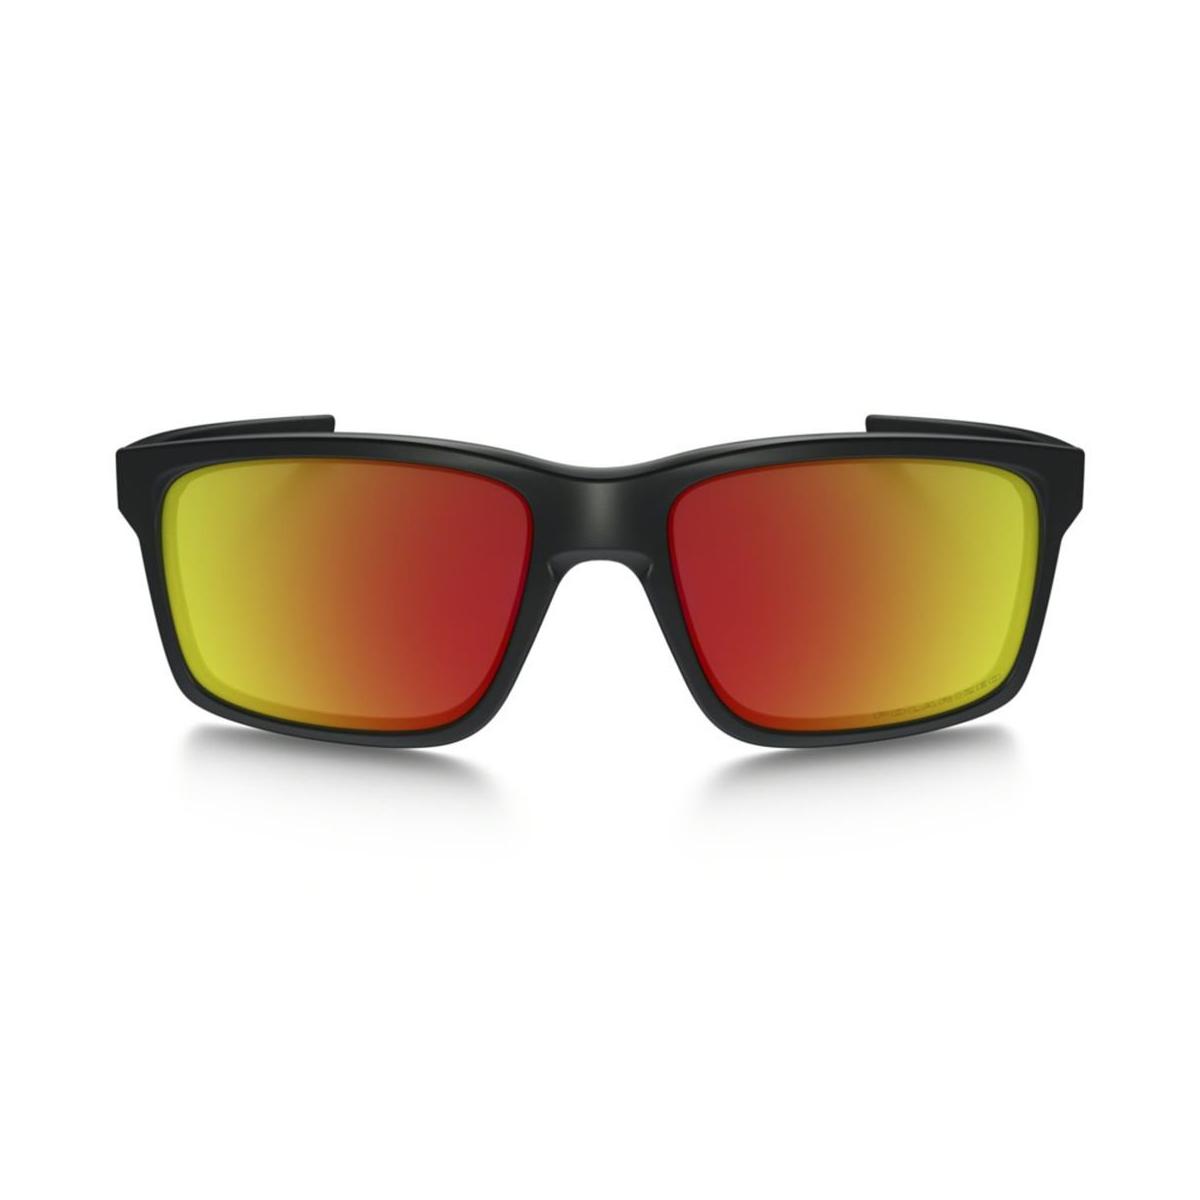 Oculos Oakley Deviation Ruby   Louisiana Bucket Brigade 999e8807c4